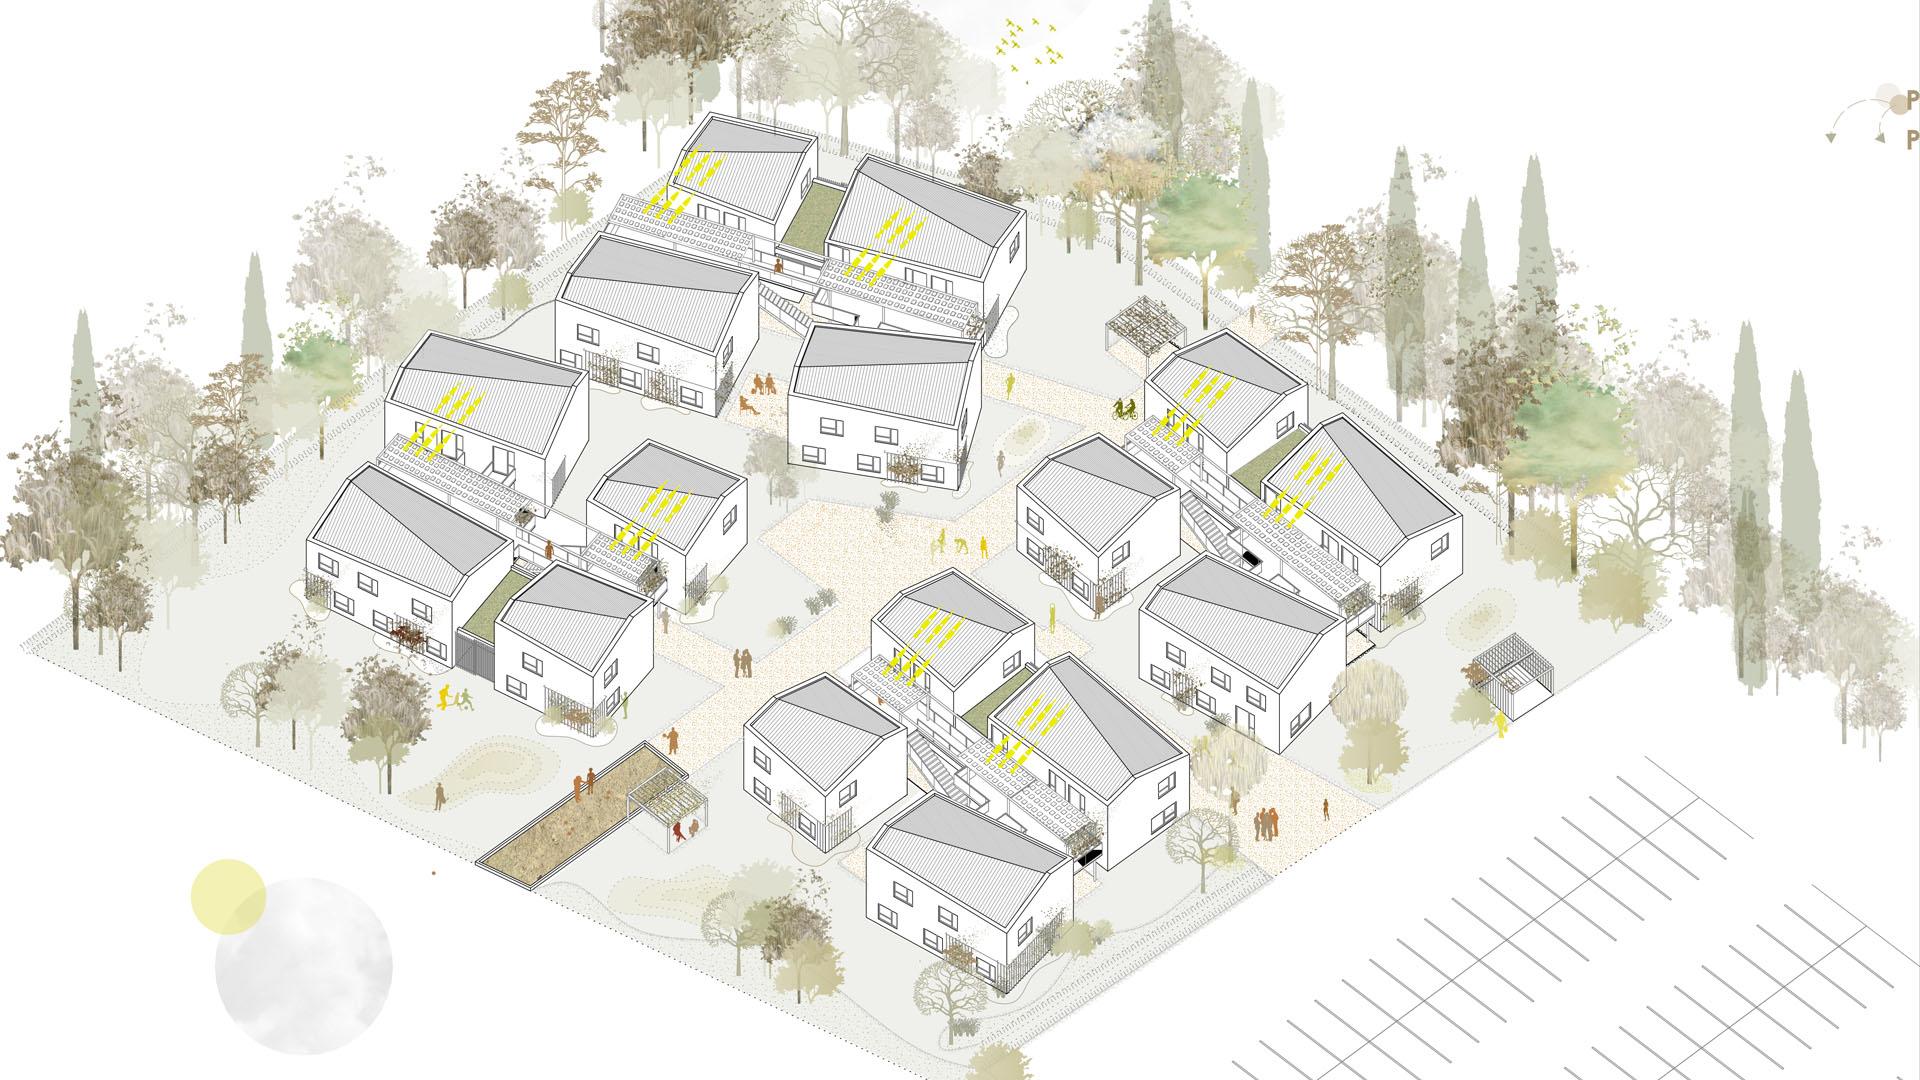 Seuil-architecture-Construction-Logements-étudiants-04